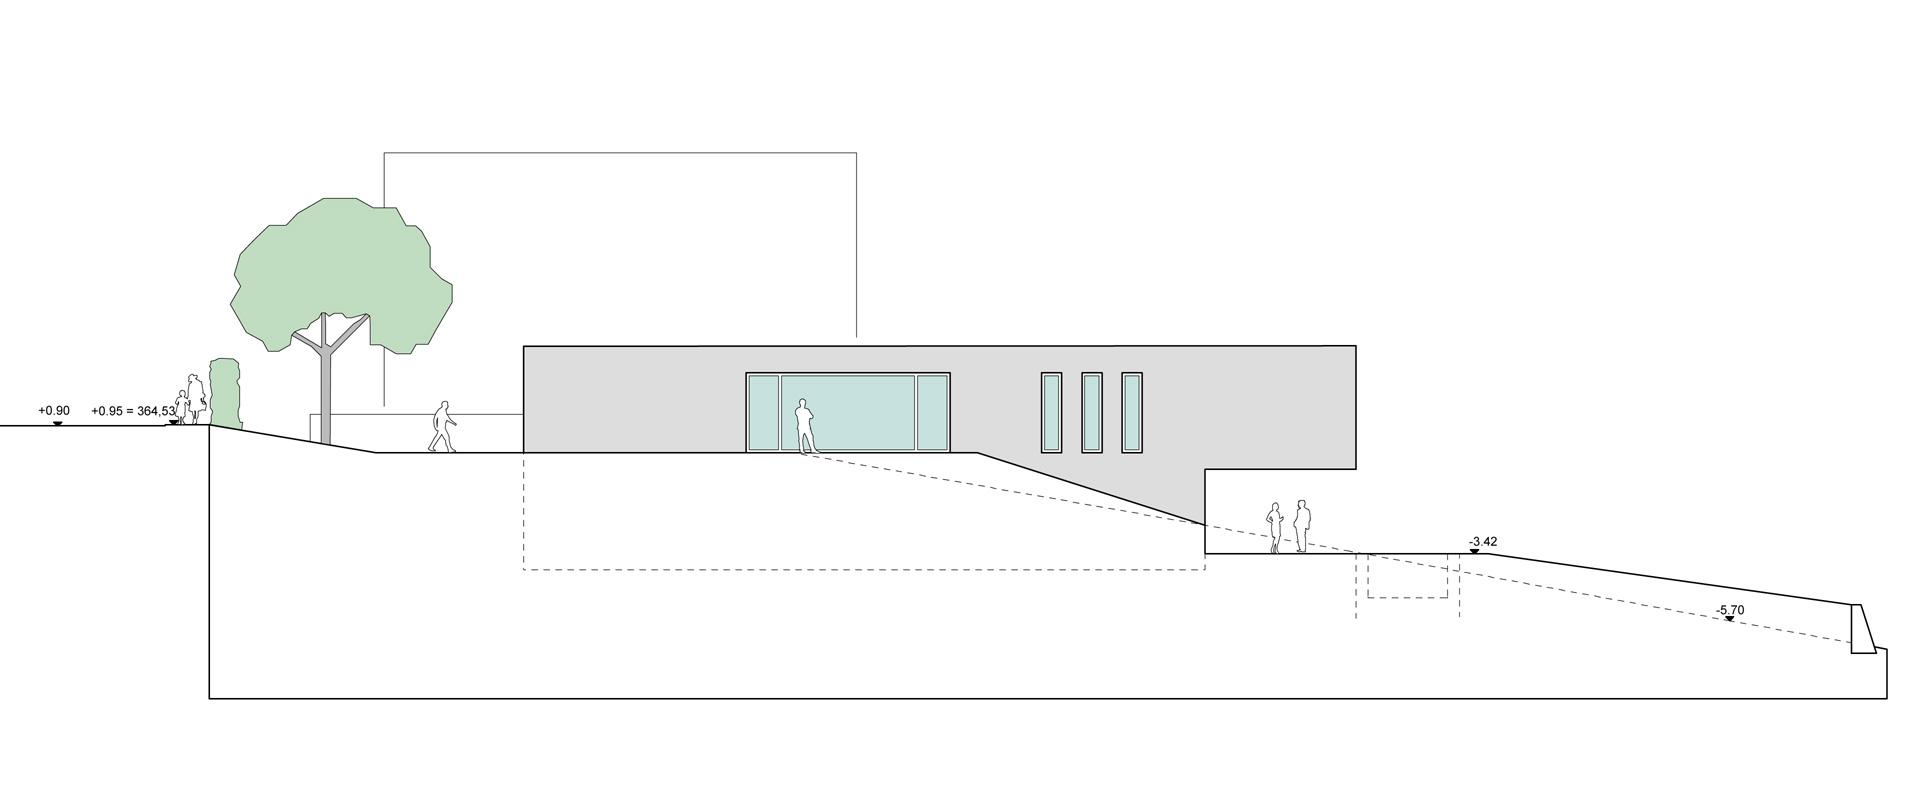 Architekturbuero Henning Musahl Studie Wohnhaus Waldshut Tiengen Oberrhein